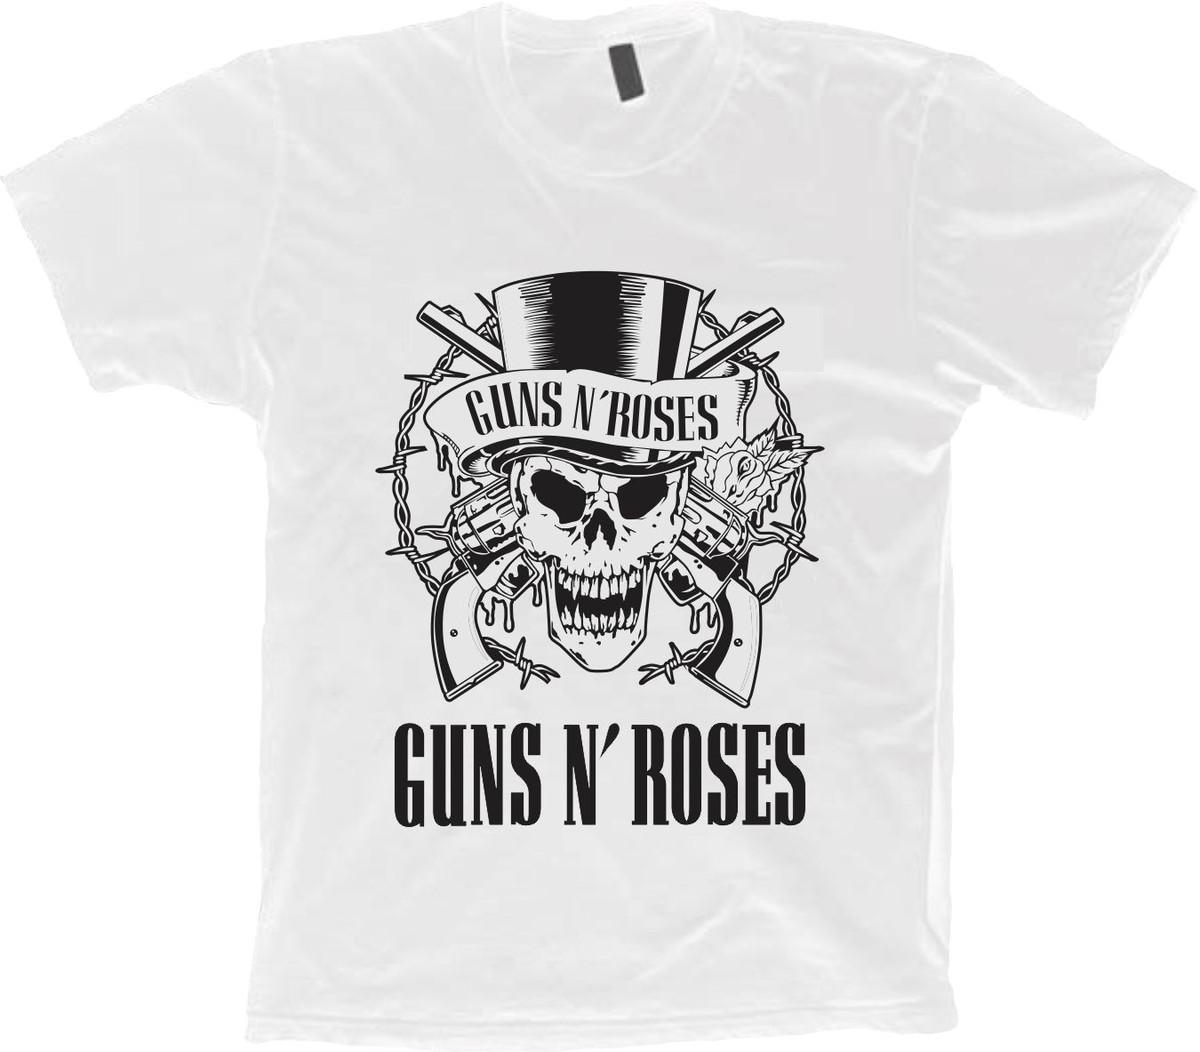 a8c3d662f3 Camiseta Bandas Rock - Guns N  Roses - 100% Algodão! no Elo7 ...